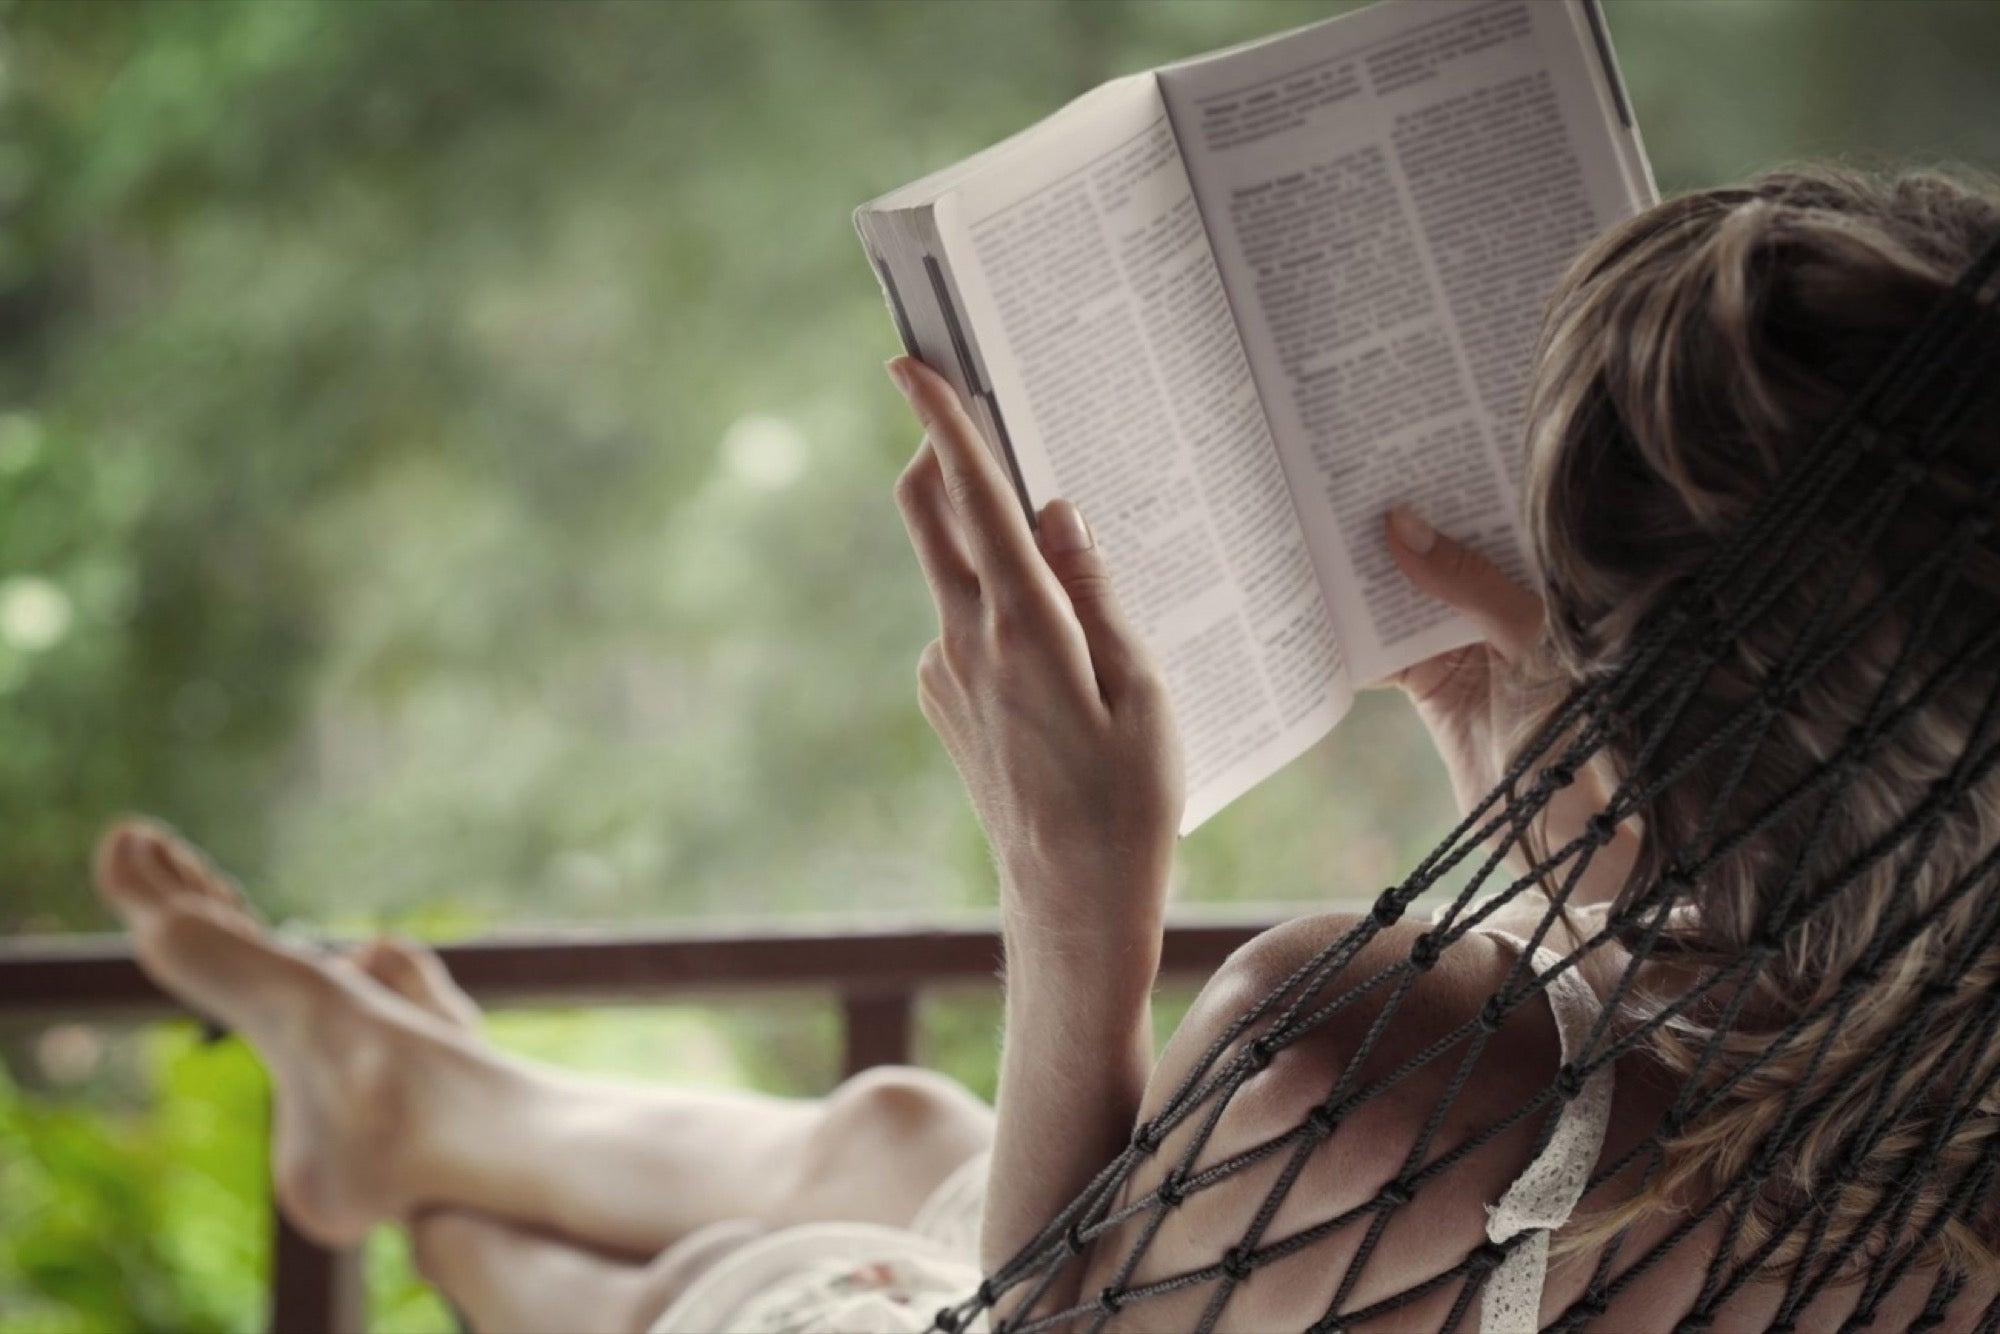 c4ab0d35 5 tips para leer 100 libros al año